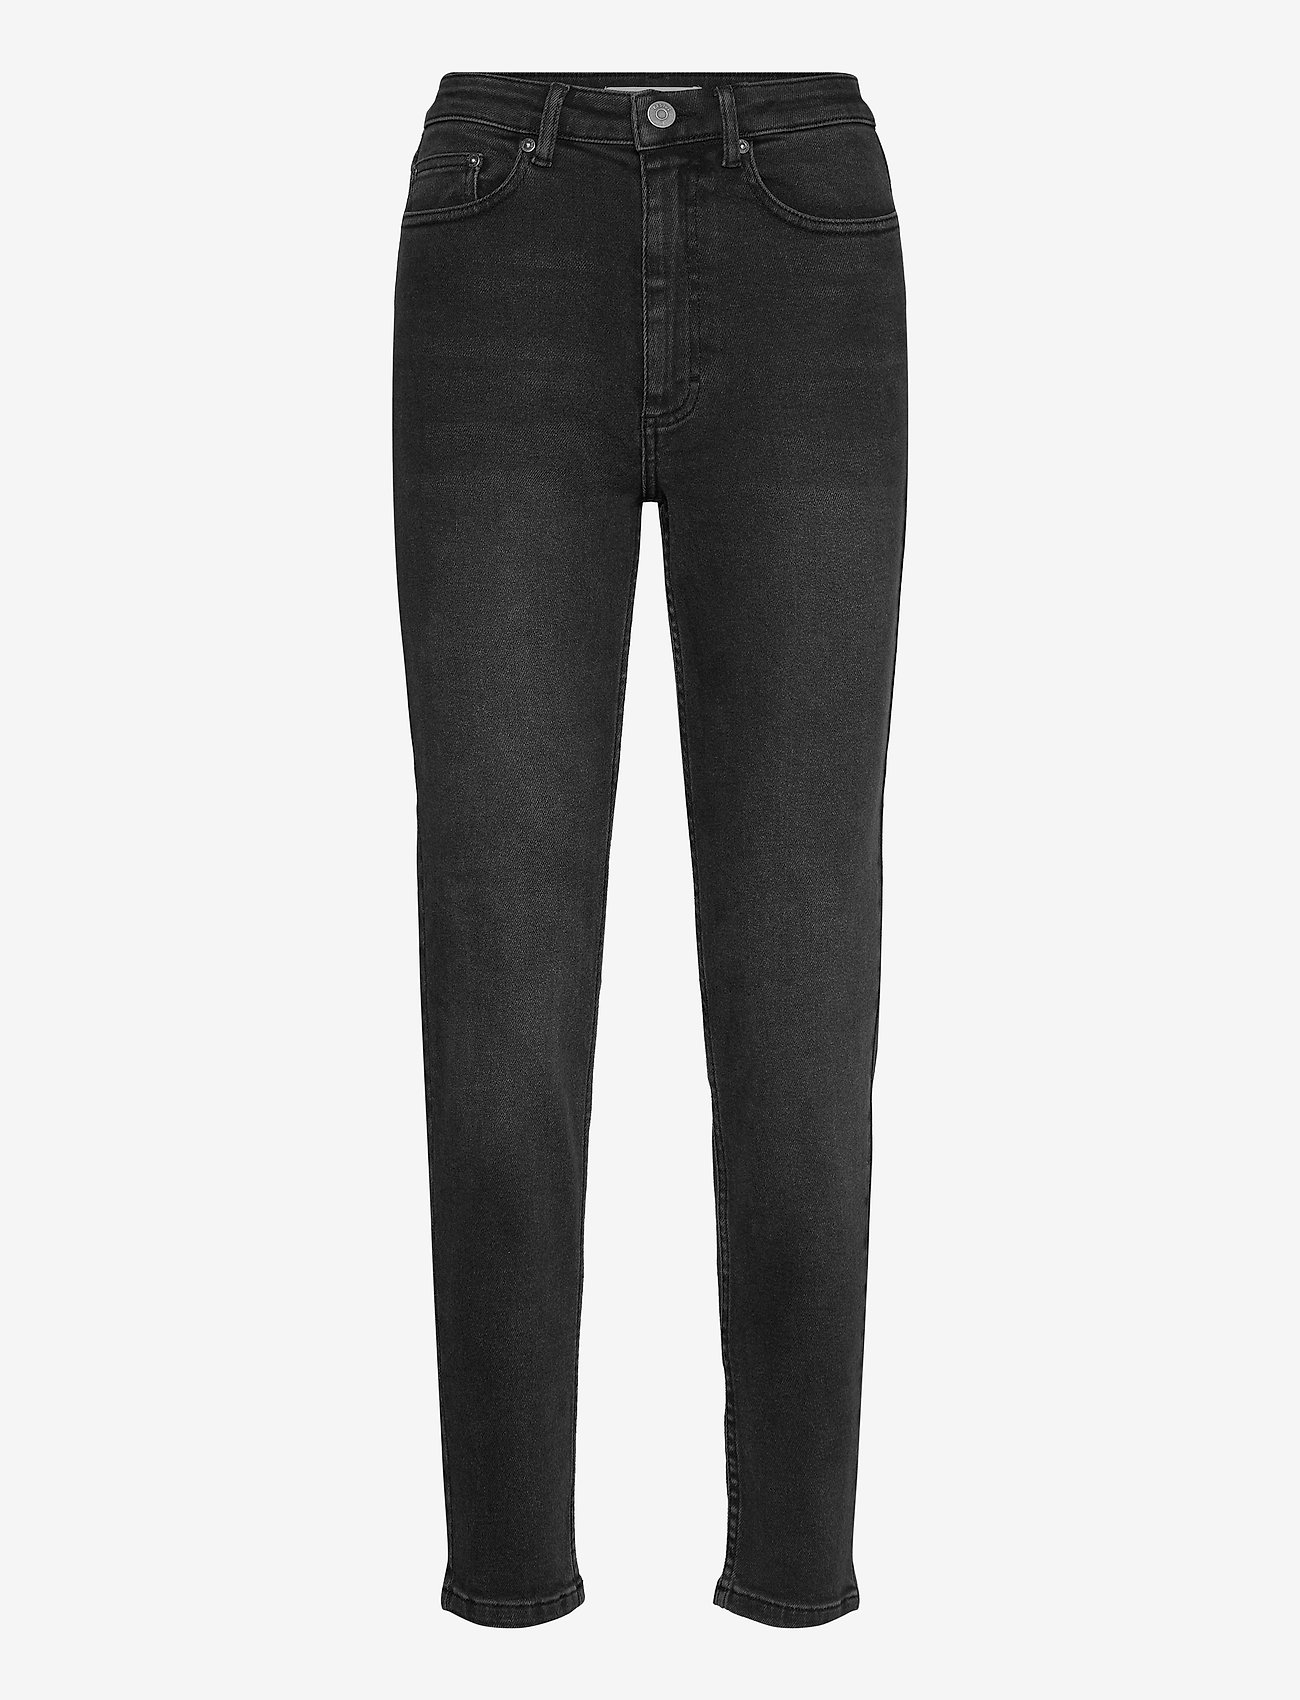 Gestuz - AstridGZ HW slim jeans NOOS - mom jeans - washed black - 1